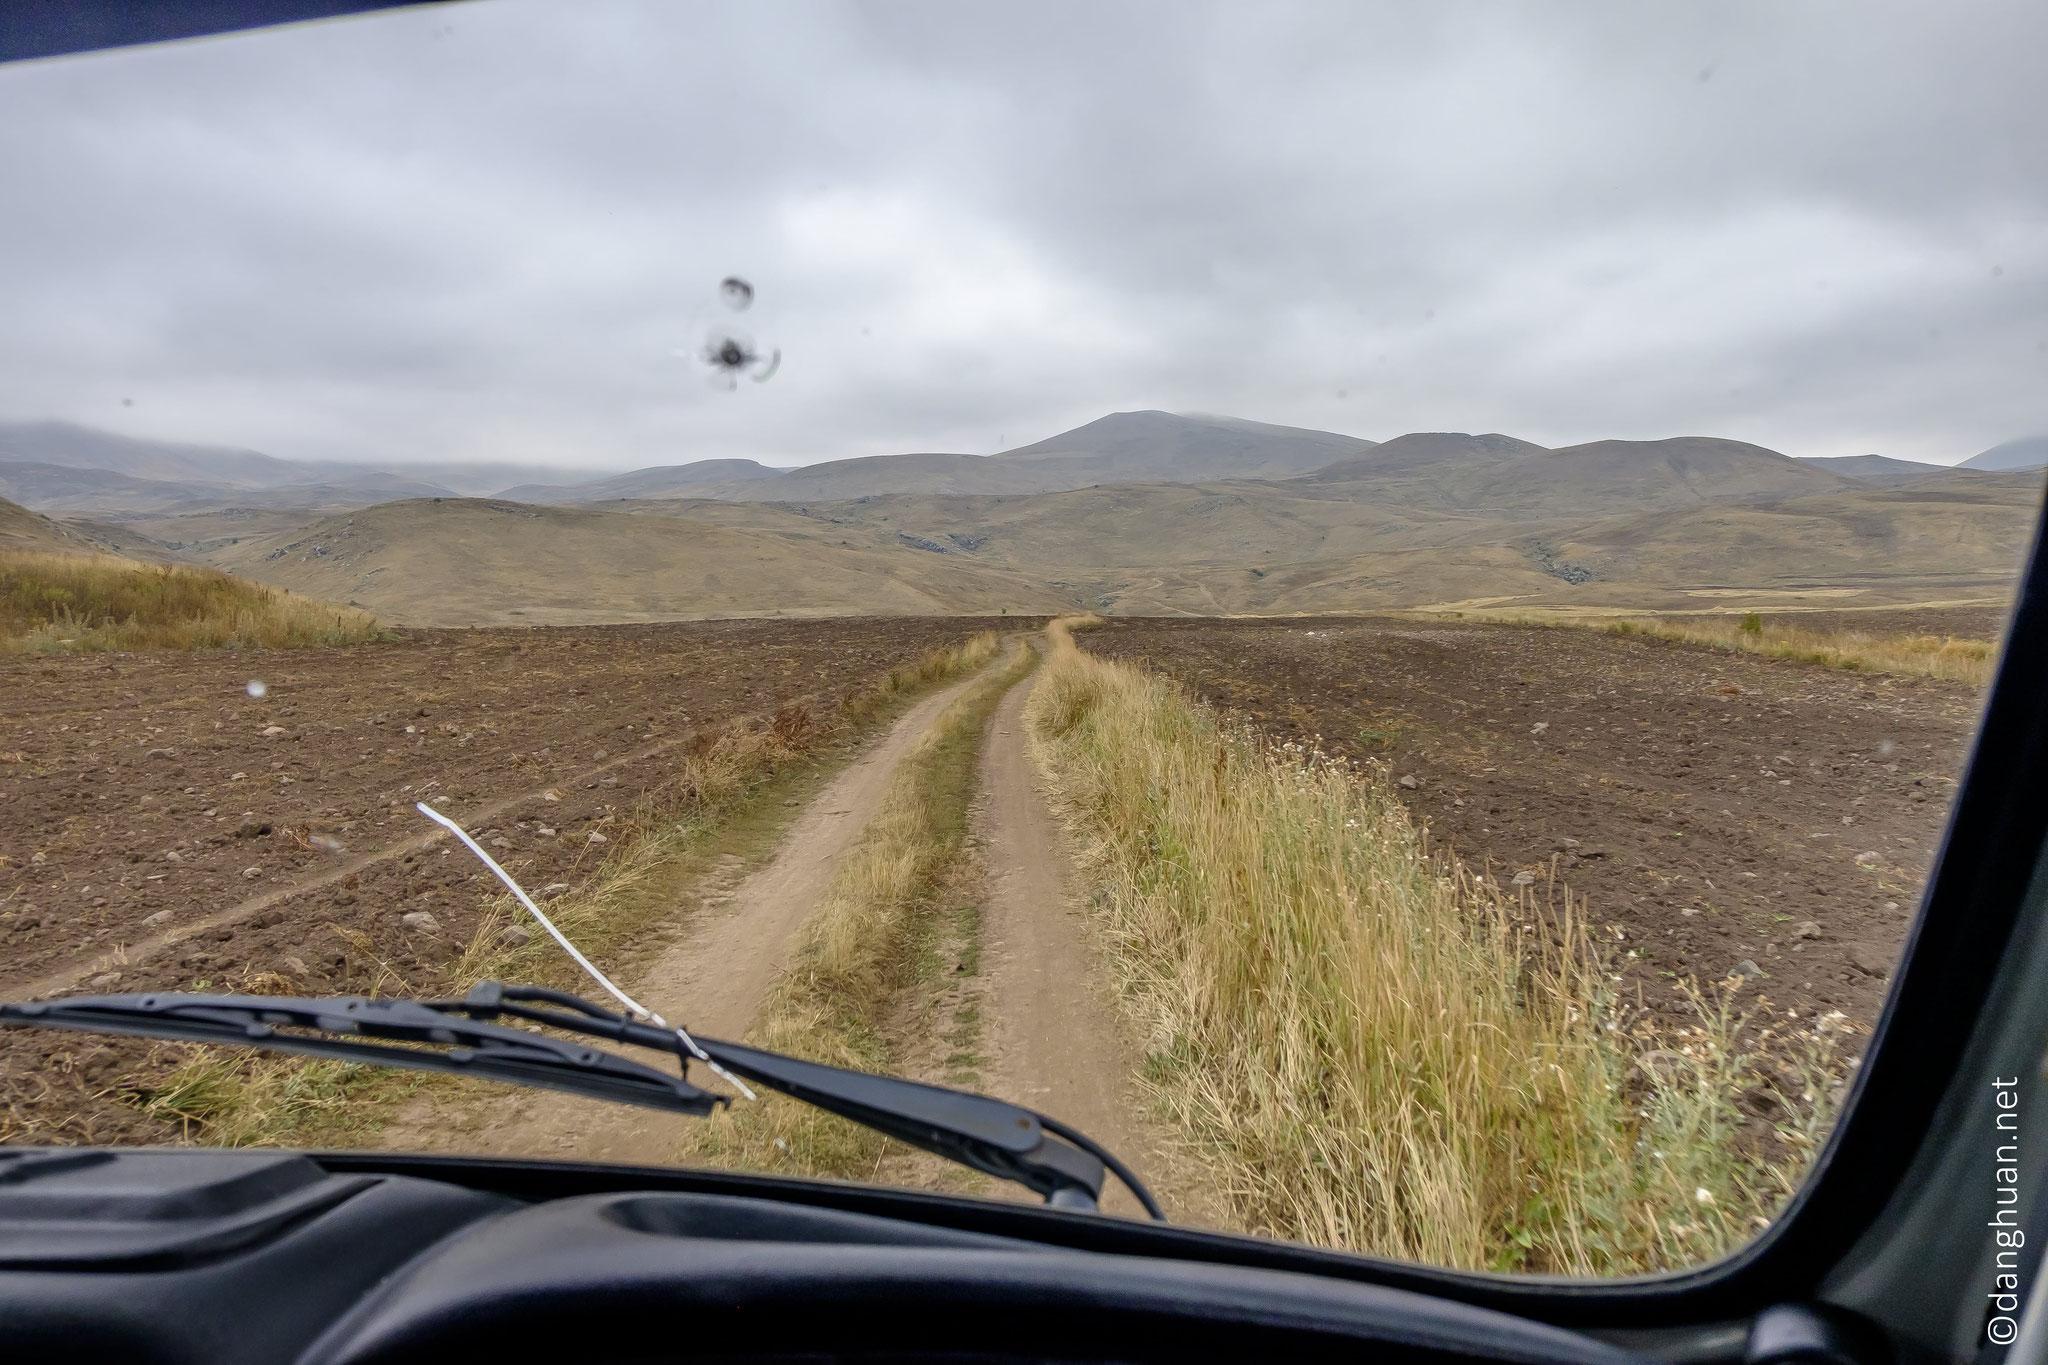 ... un grand champ de pétrogyphes sur le mont Oughtassar (Mont du chameau) situé entre 2200m et 3500m d'altitude